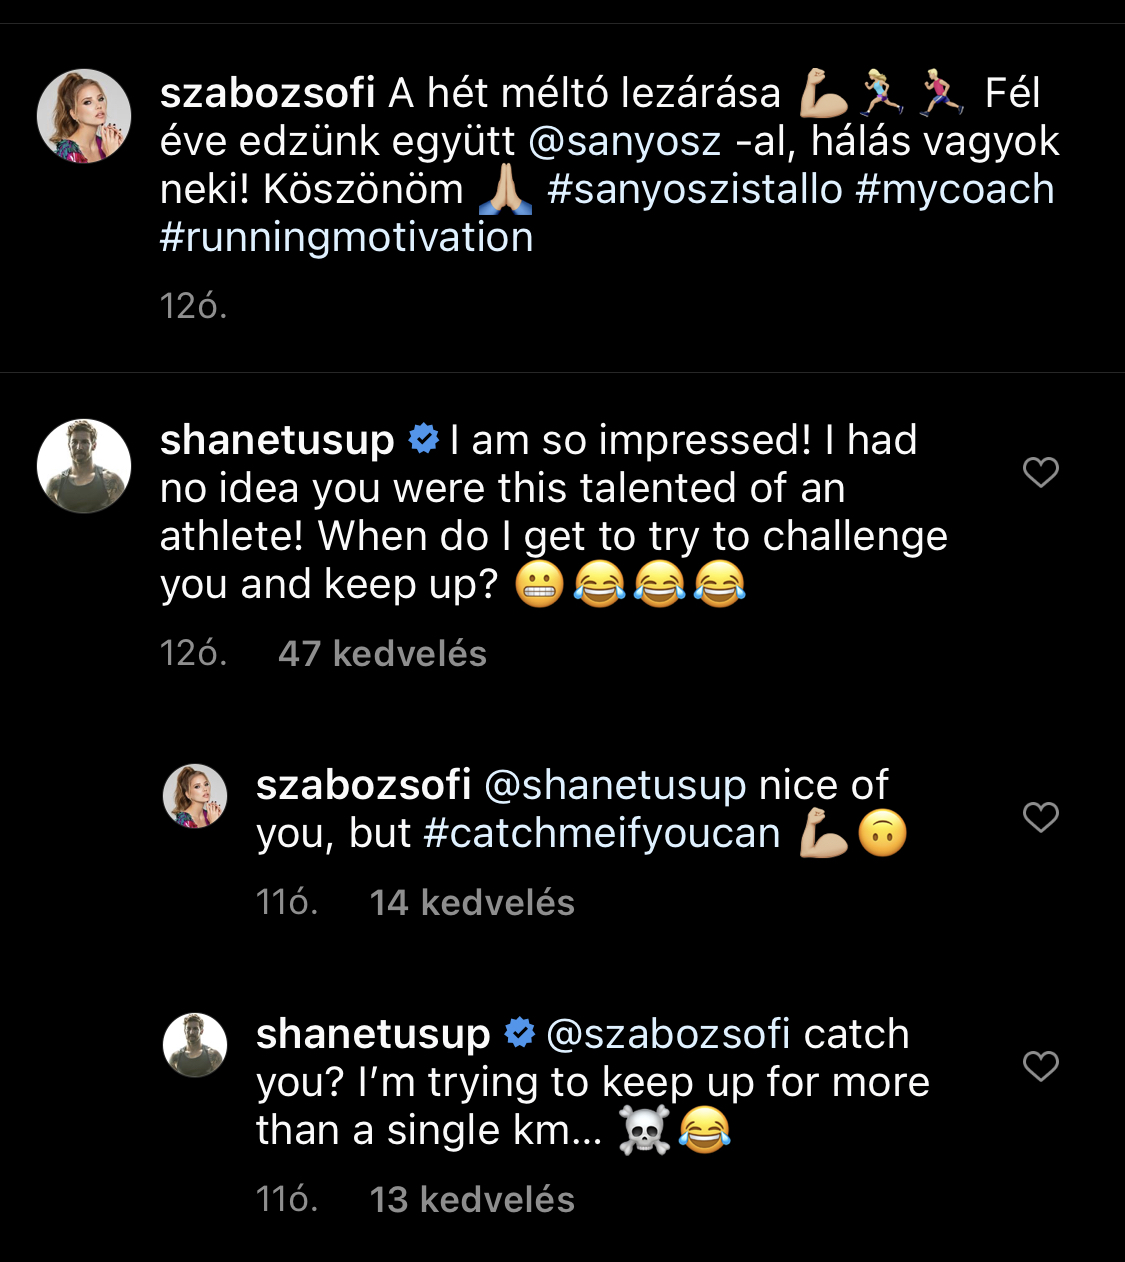 Hoppá, Shane Tusup az interneten kacérkodott Szabó Zsófival